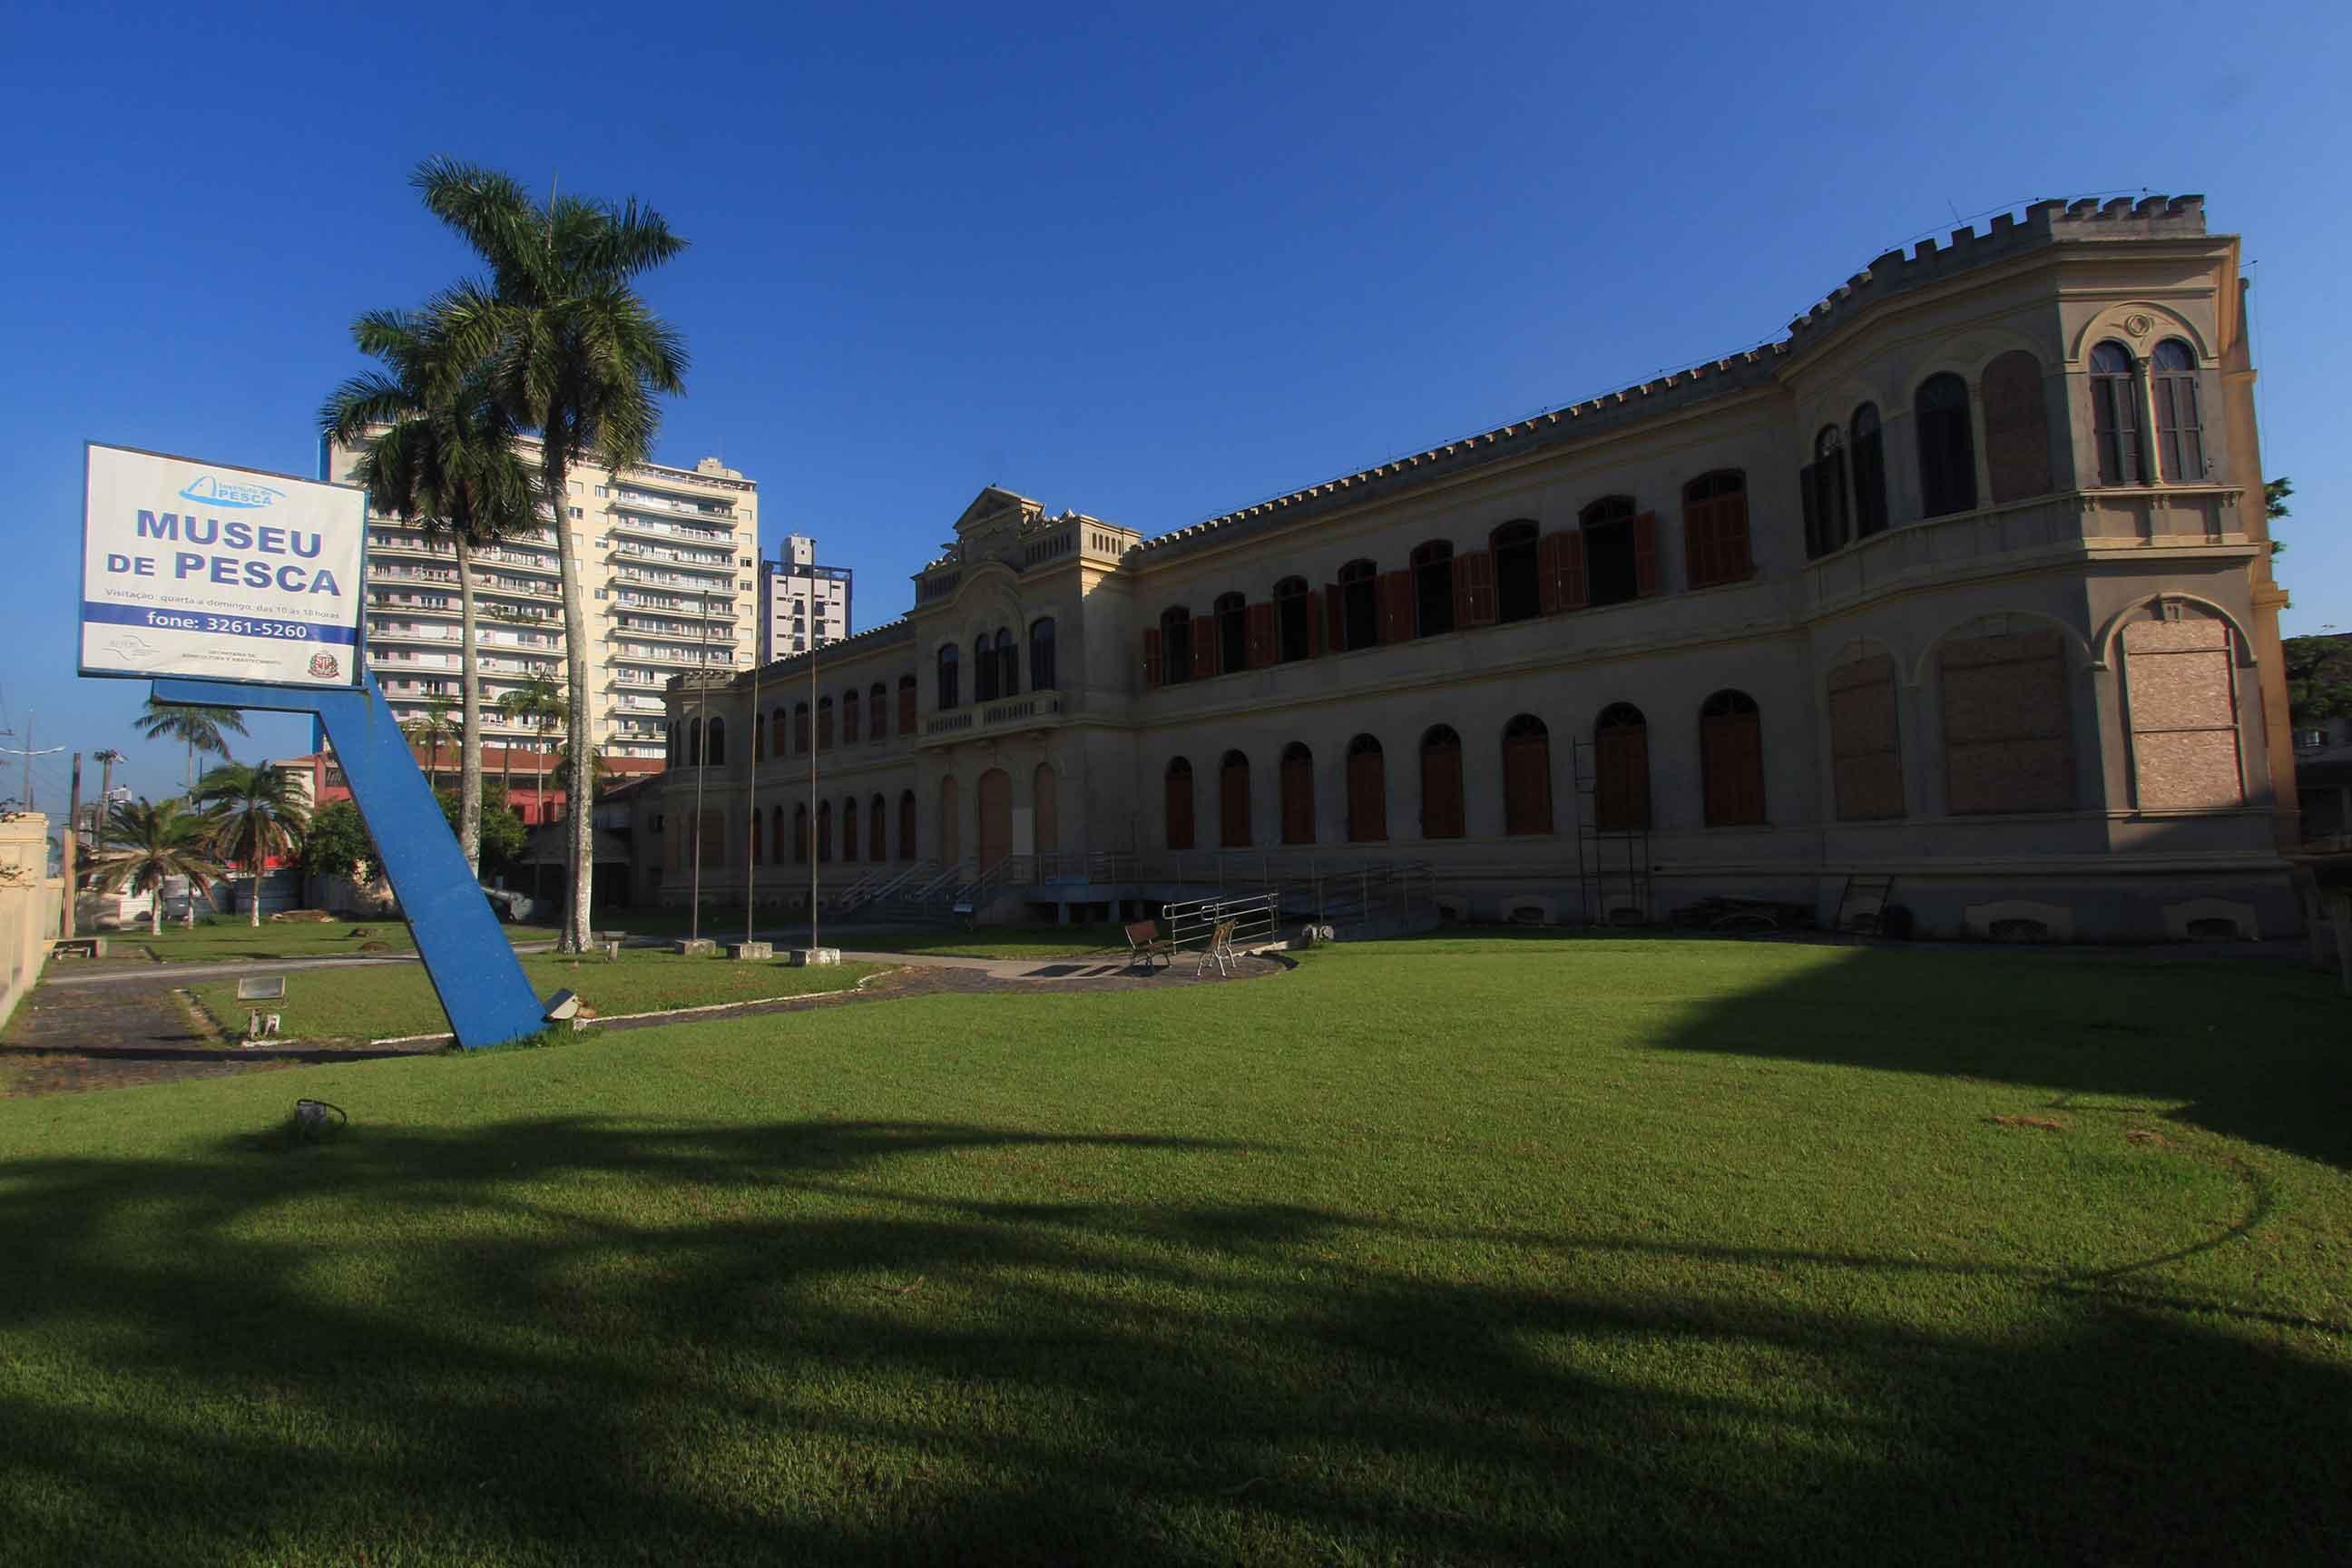 Museu do Instituto de Pesca em Santos